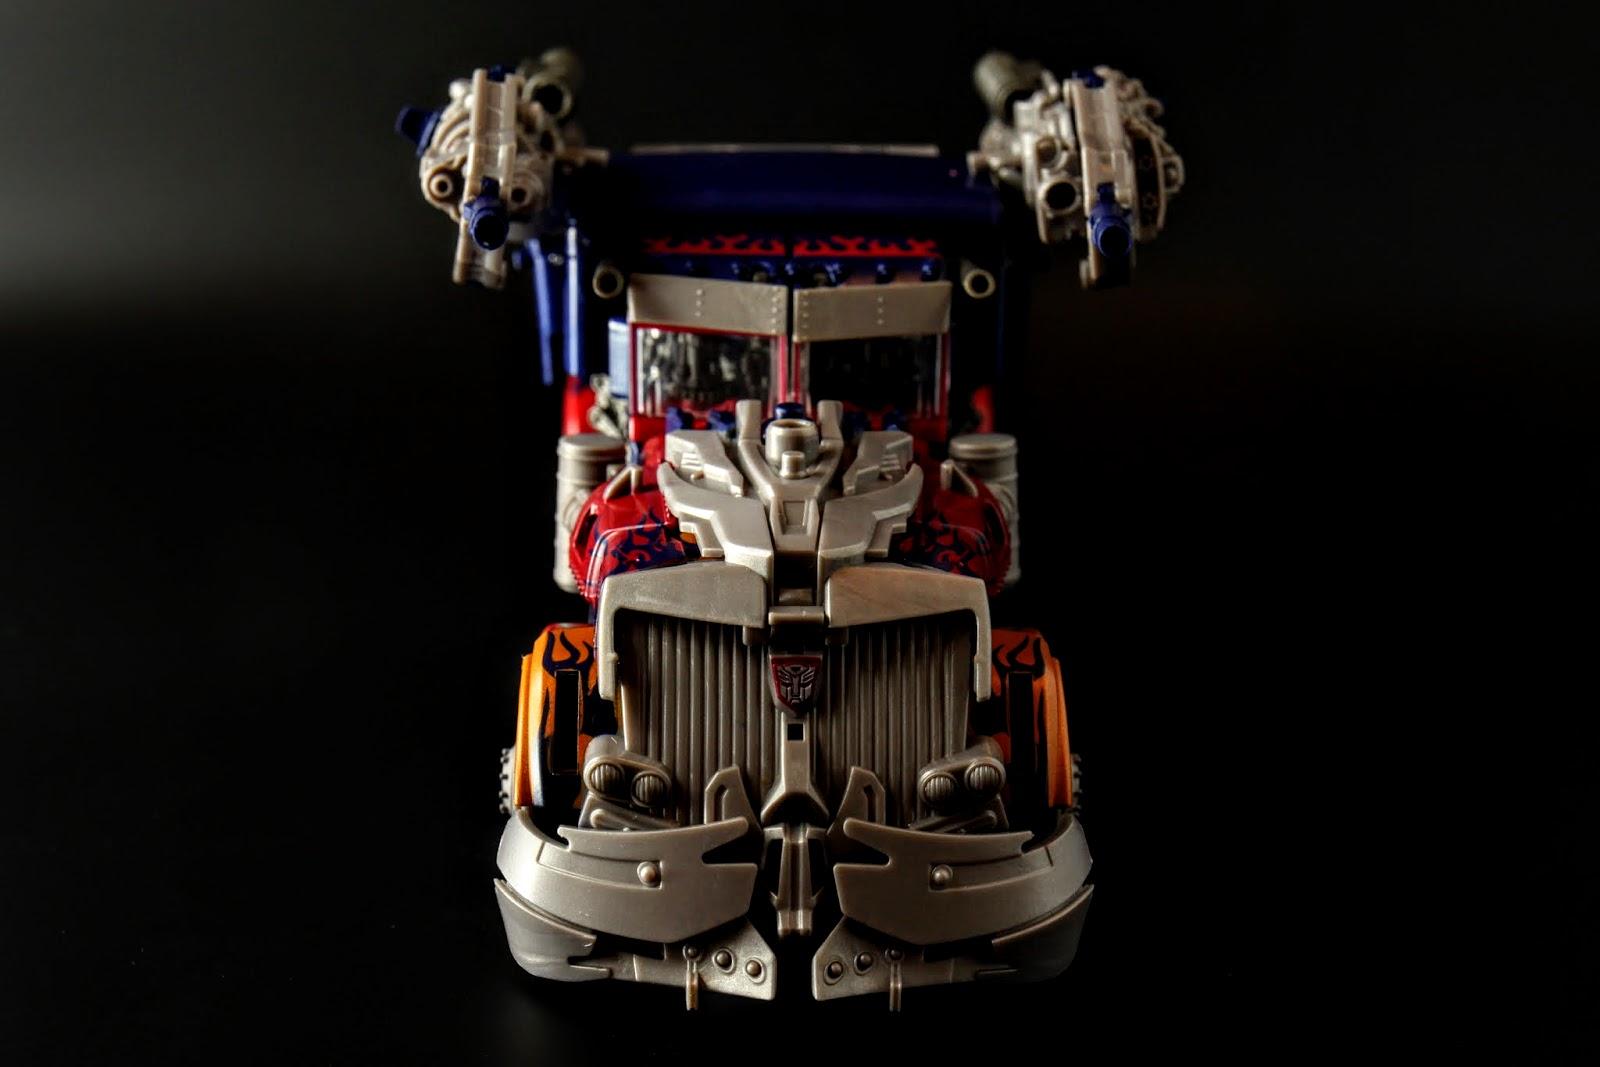 雖然設定是直接從車本體變形拉,不過玩具要做成這樣是要賣多貴?